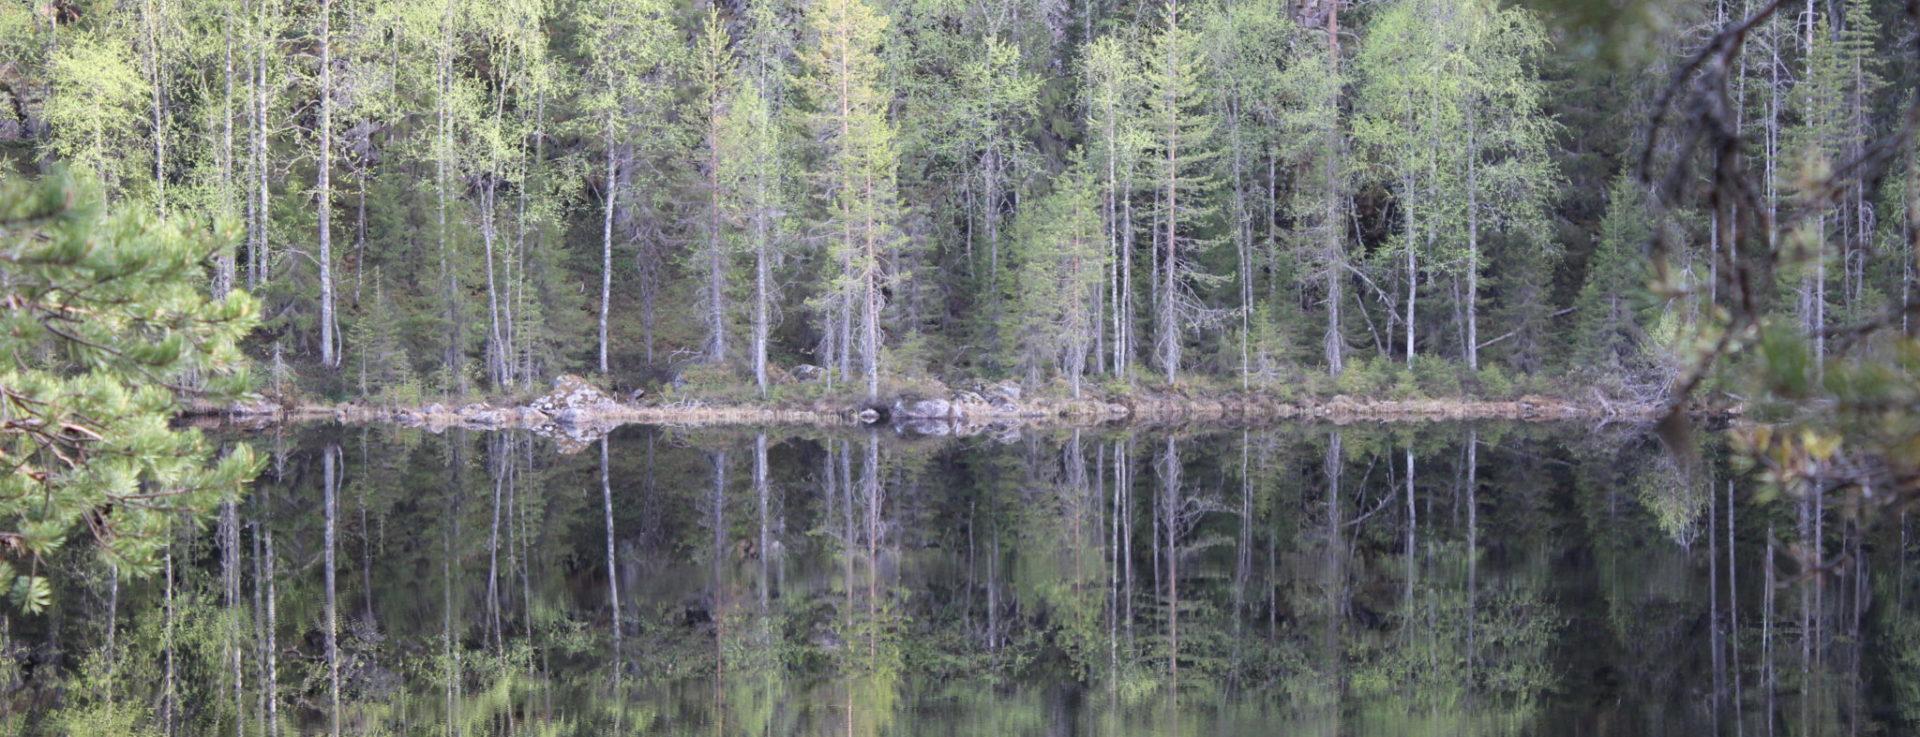 Metsään meni